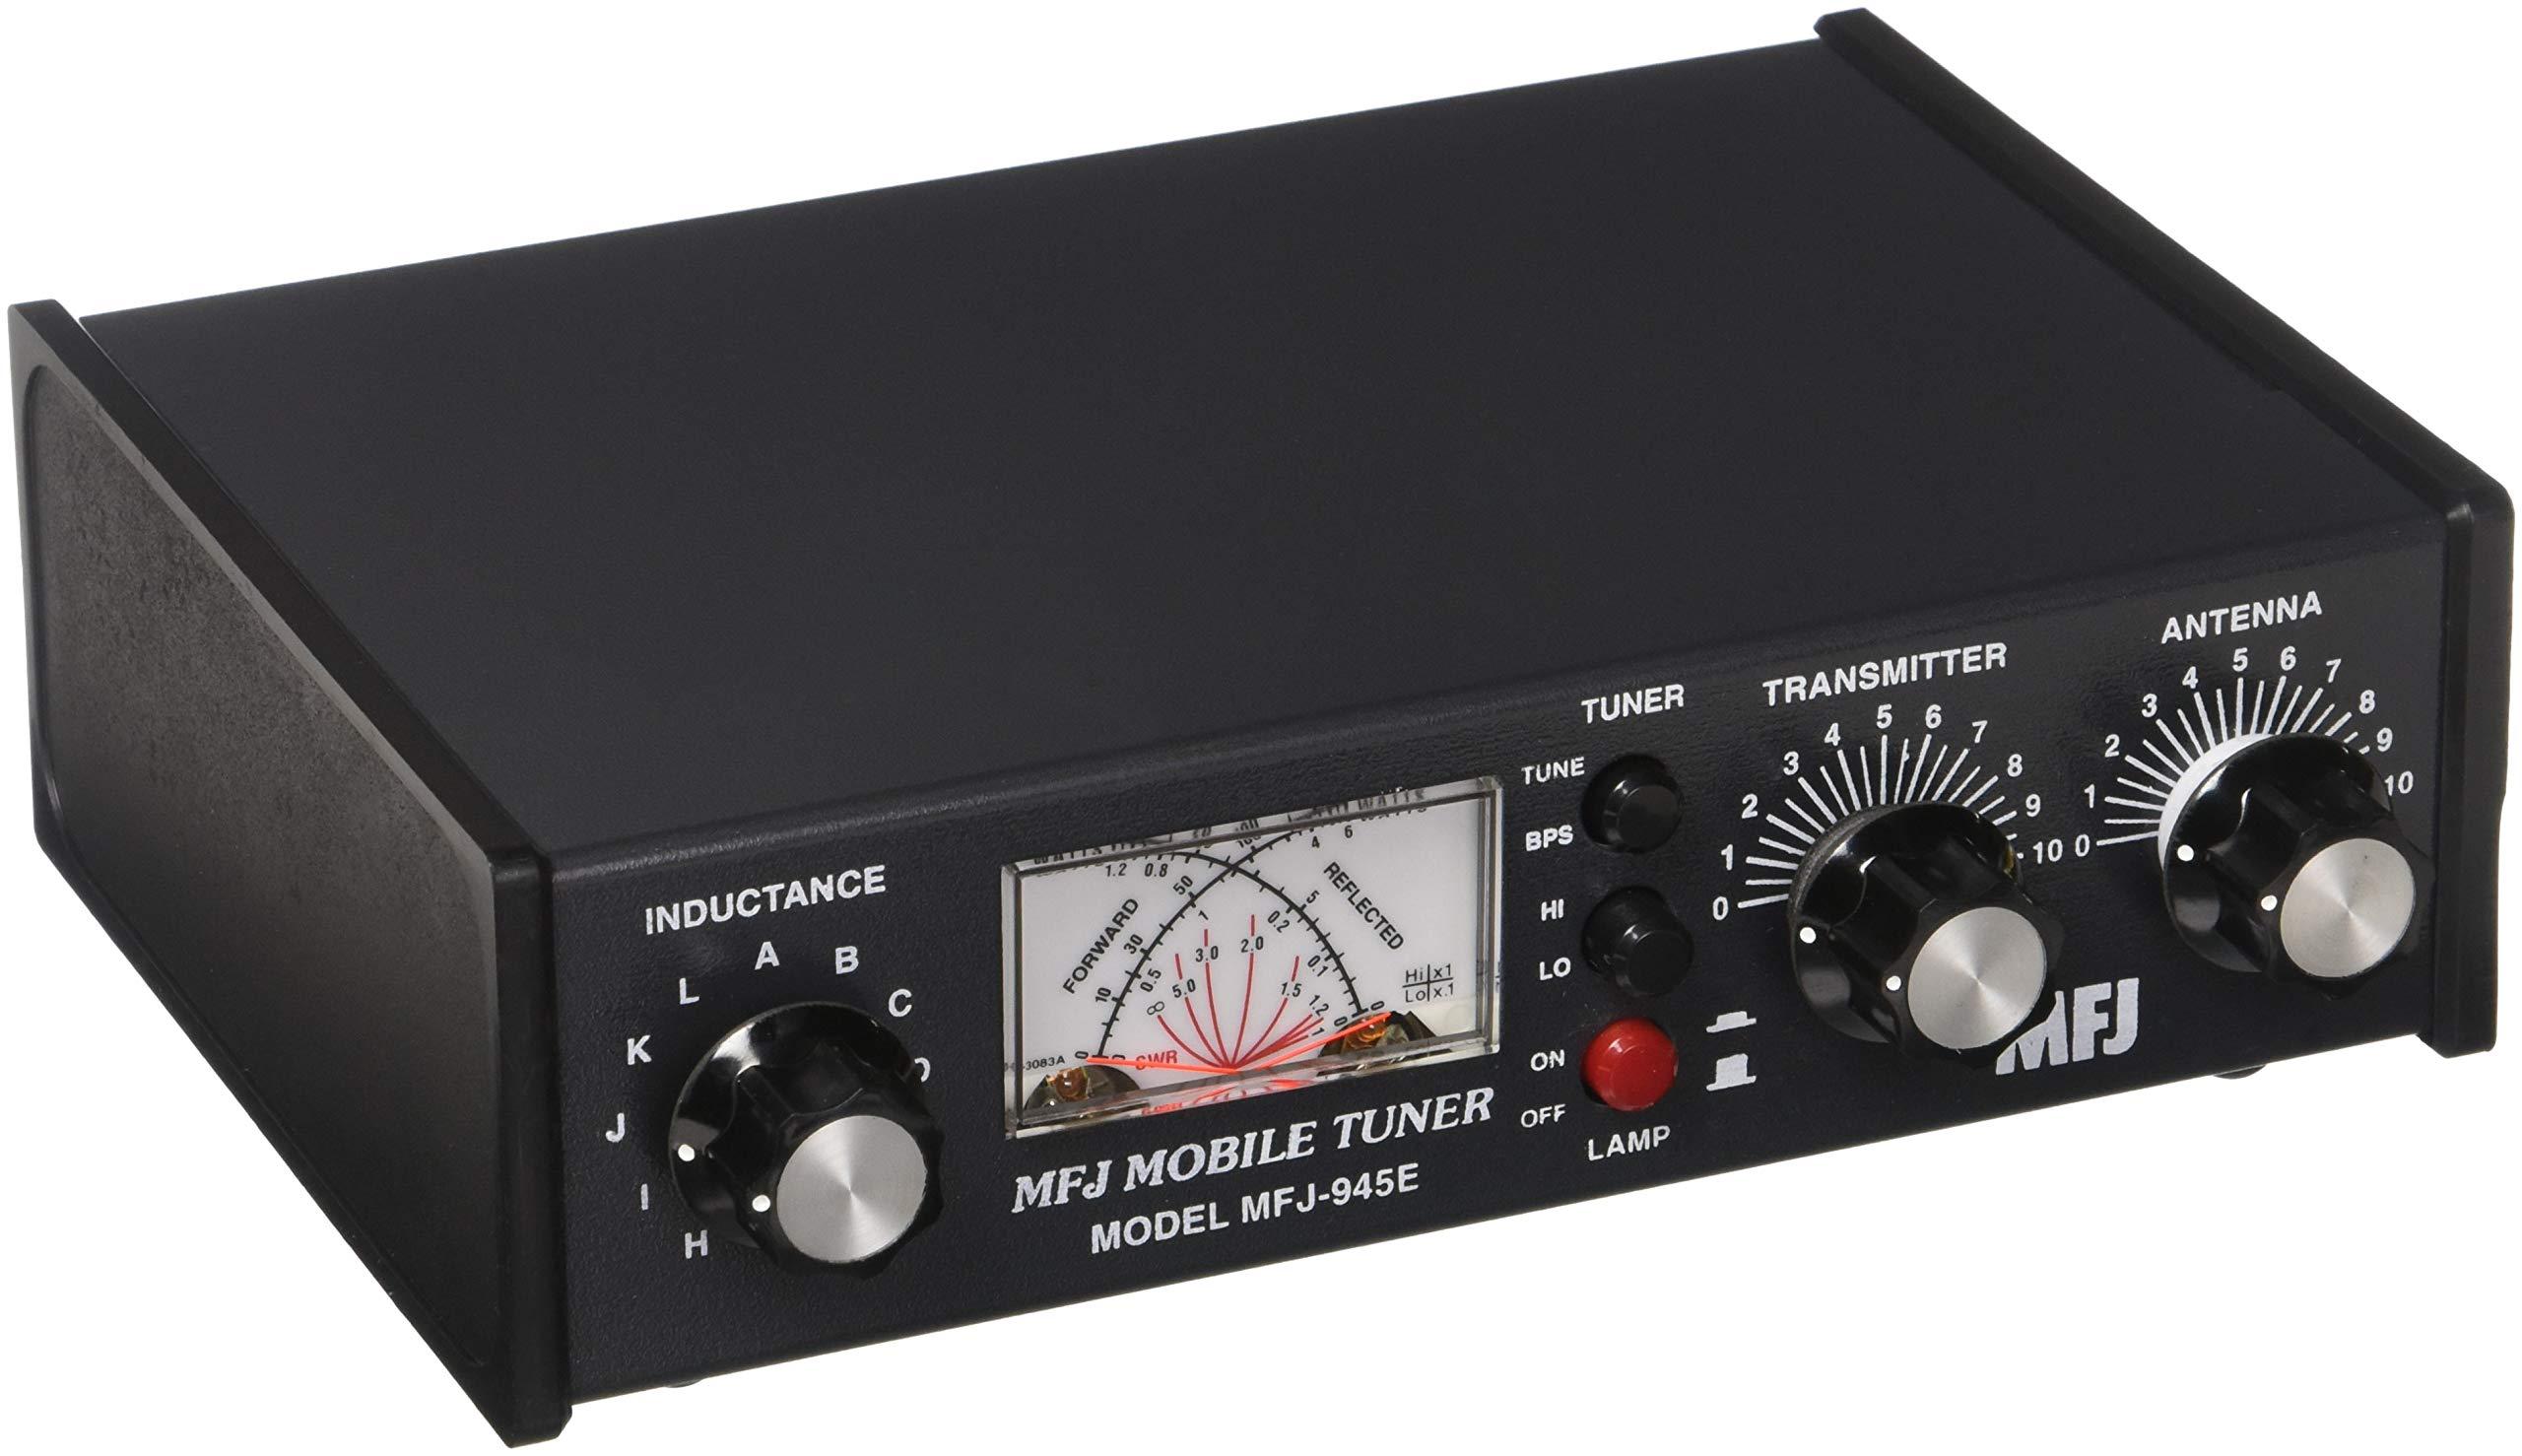 Mfj amateur radio